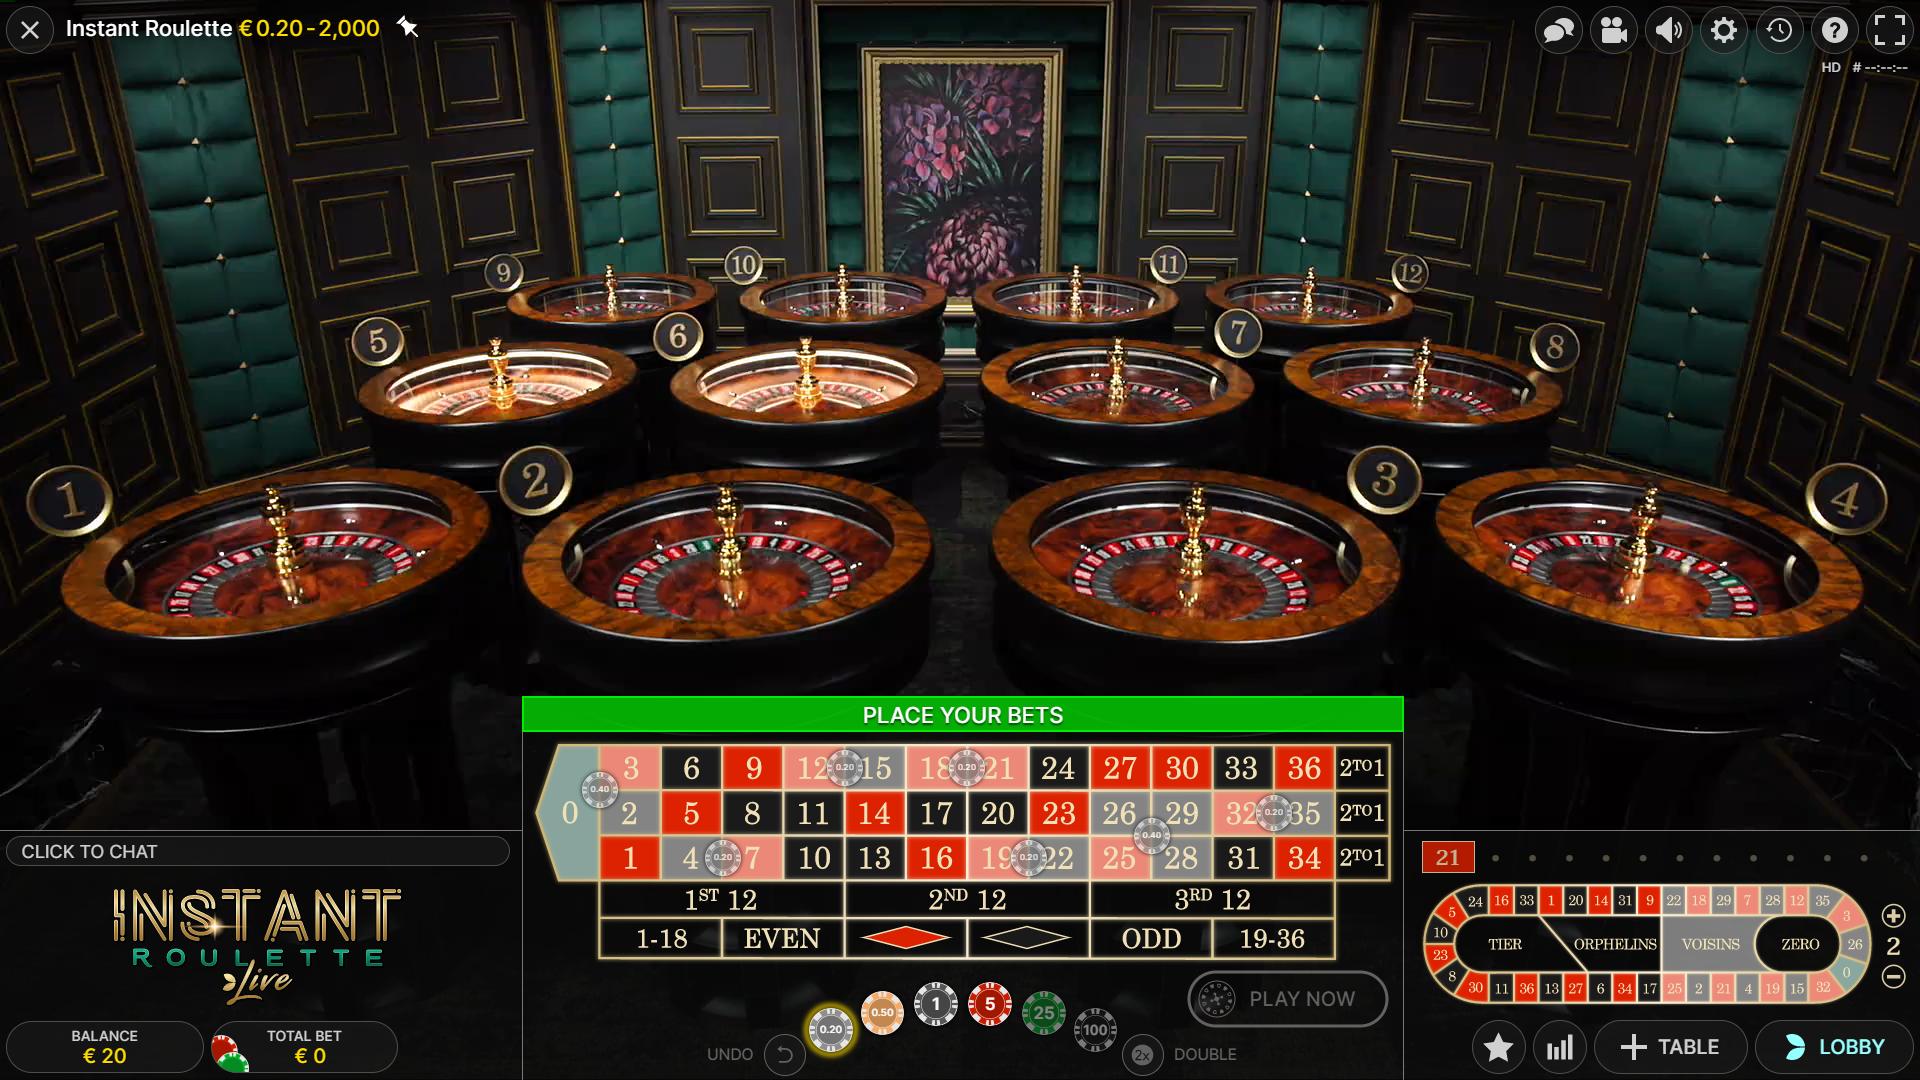 sistem taruhan roulette instan membagi voisins bahkan ganjil